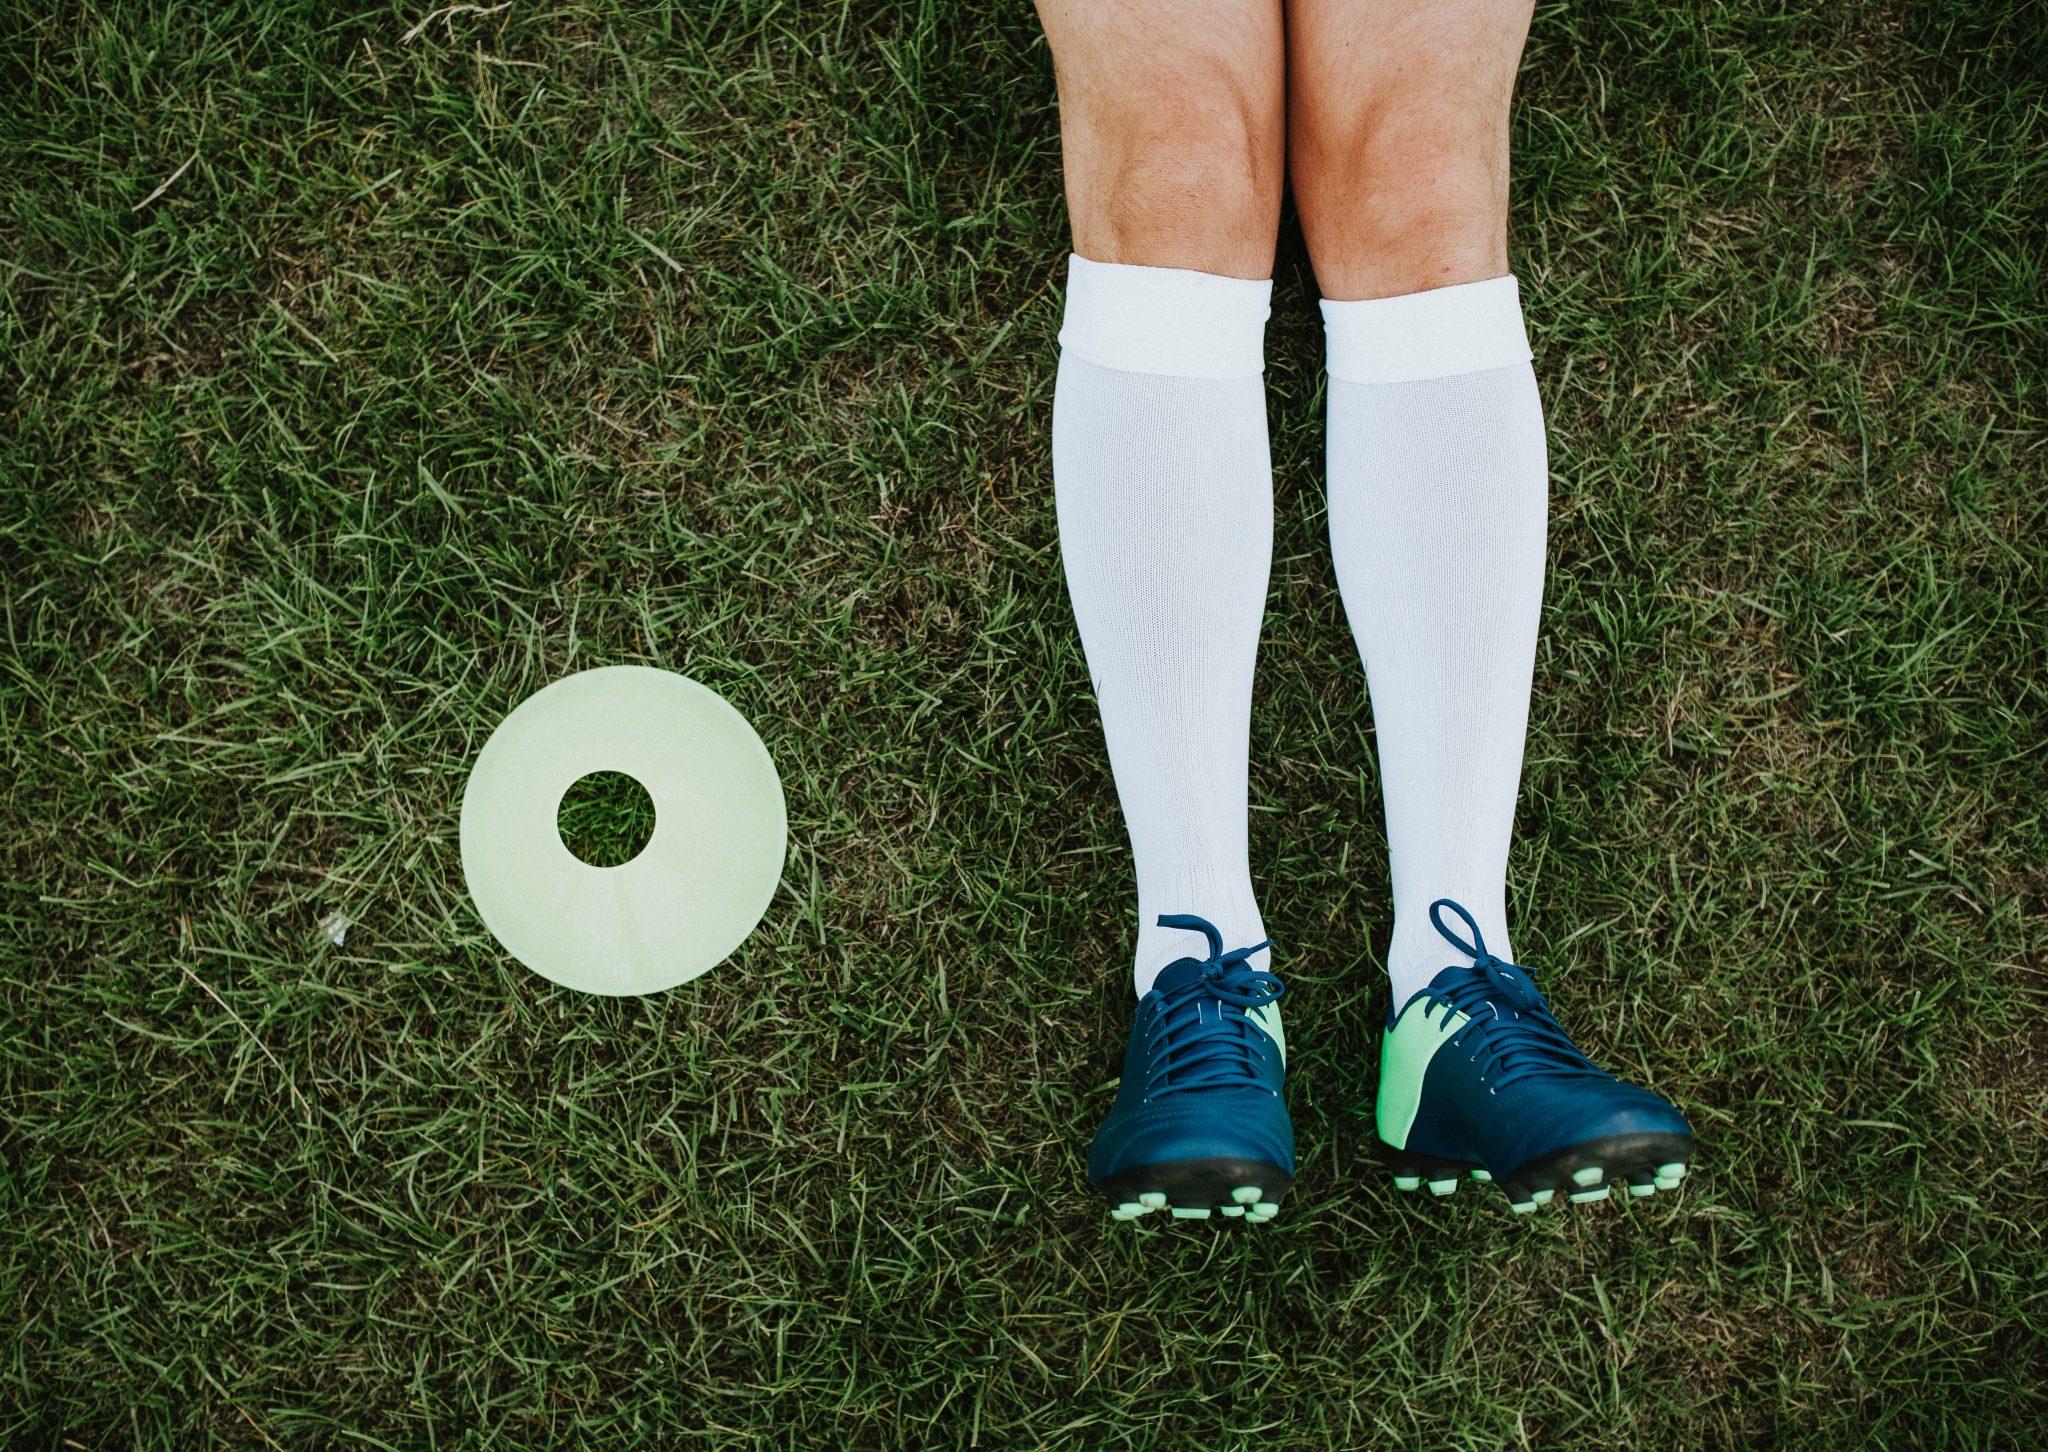 alleviare Il Dolore Traspirante vene varicose per Volo Viaggi e Running SBOYS 7/Paia di Calze a Compressione//Calze Sportive per Donne e Men-Comfortable